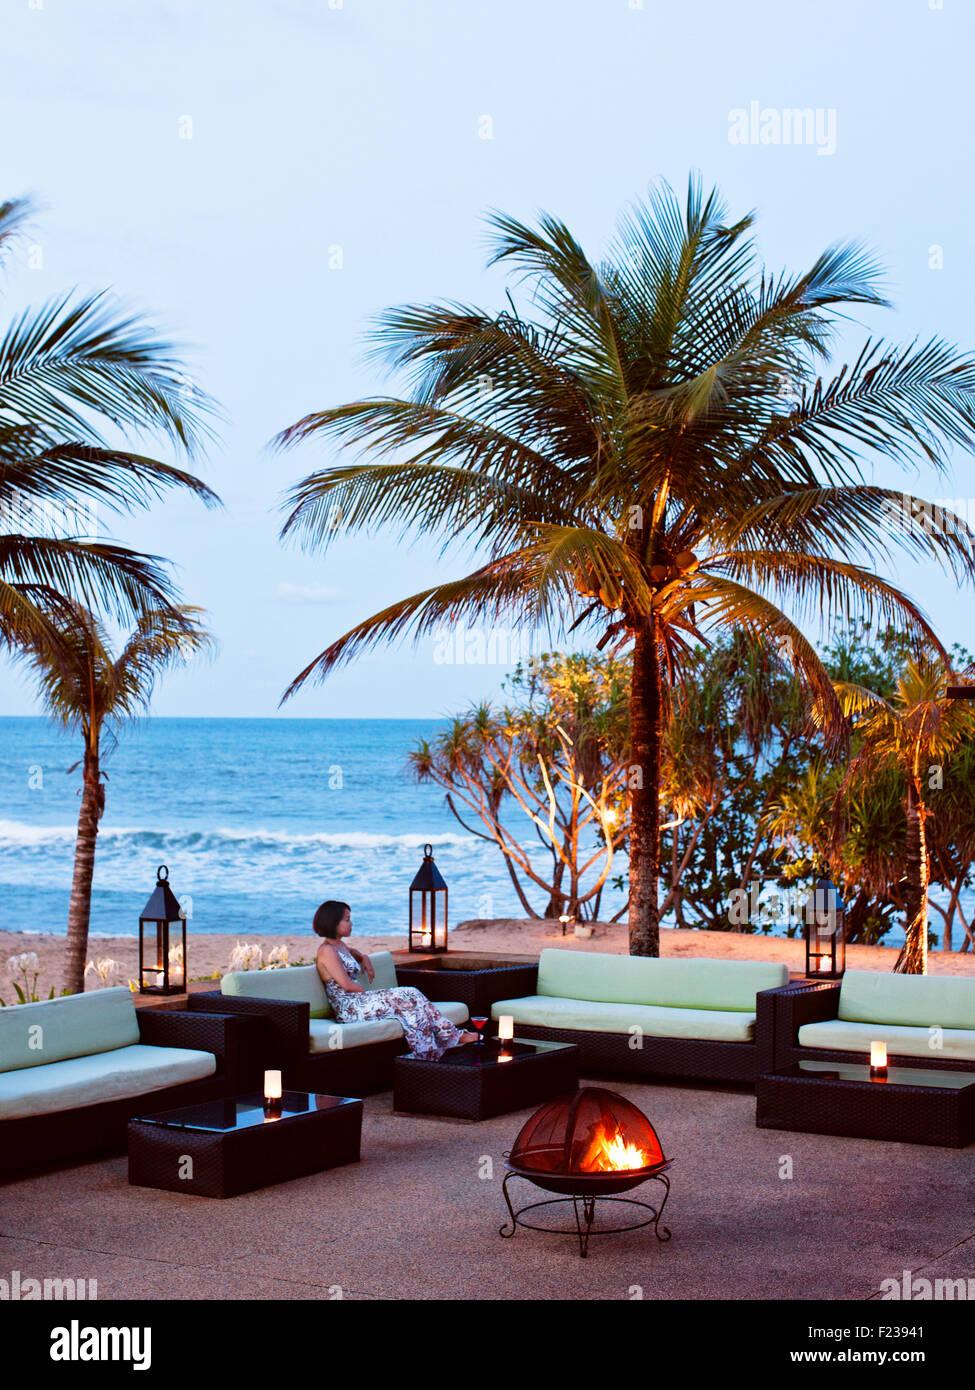 Oziare al di fuori del Nelayan ristorante che si affaccia sul Mare della Cina del Sud al tramonto. Tanjong Jara Immagini Stock